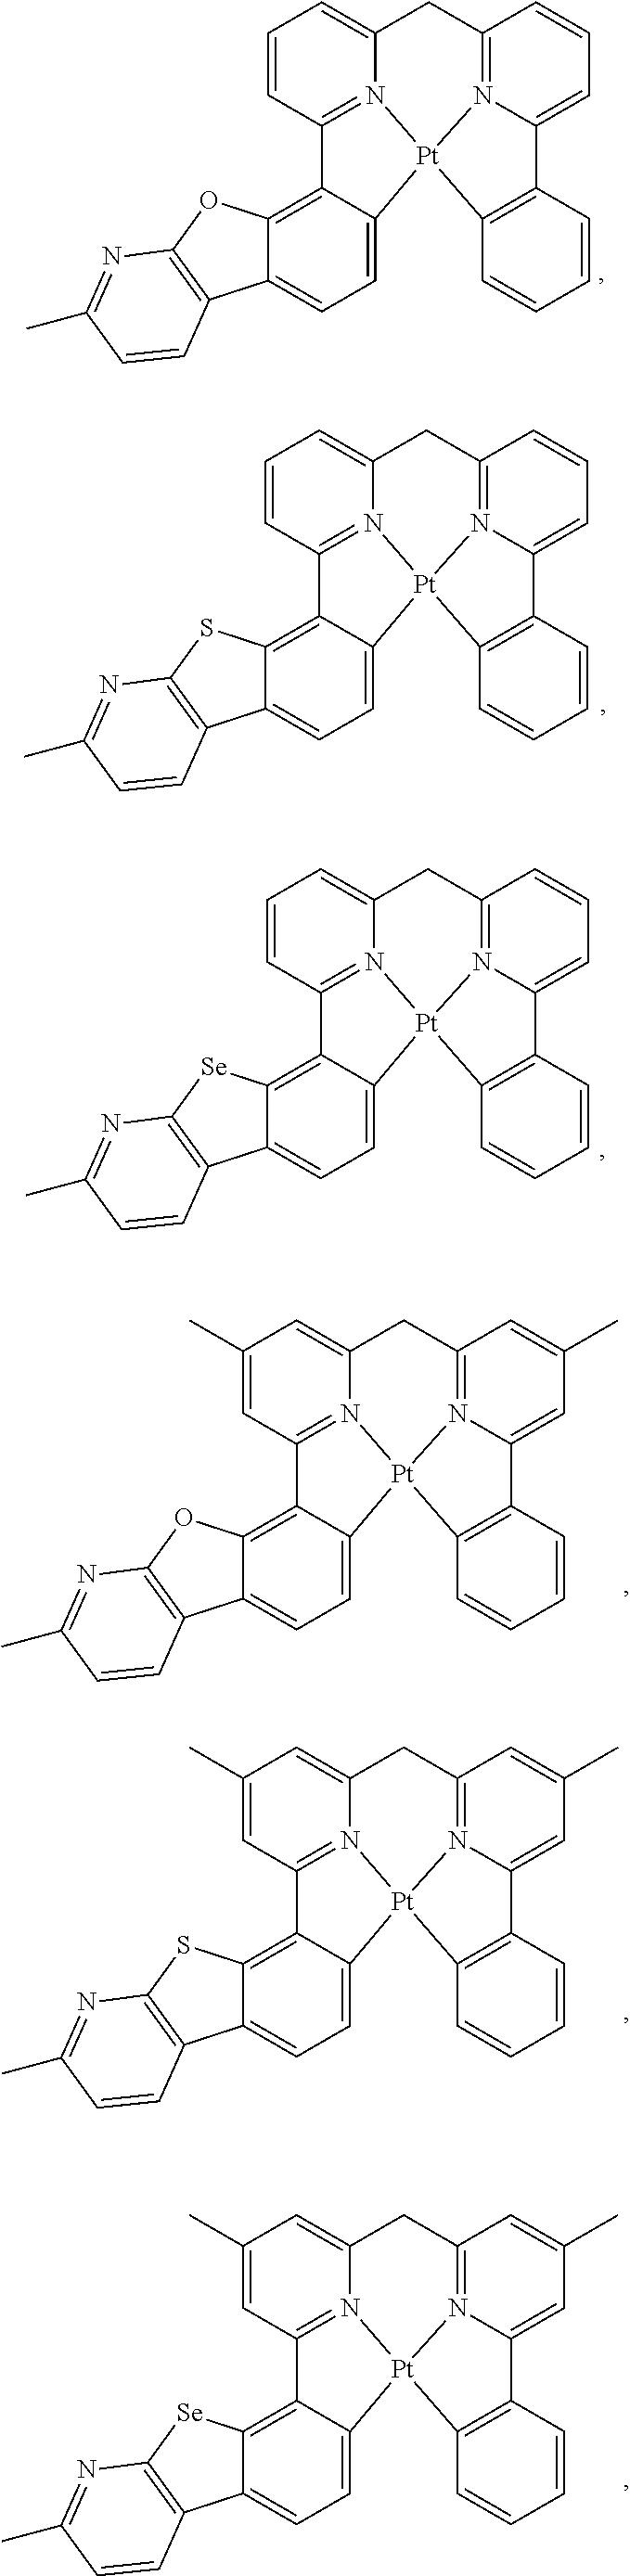 Figure US09871214-20180116-C00262